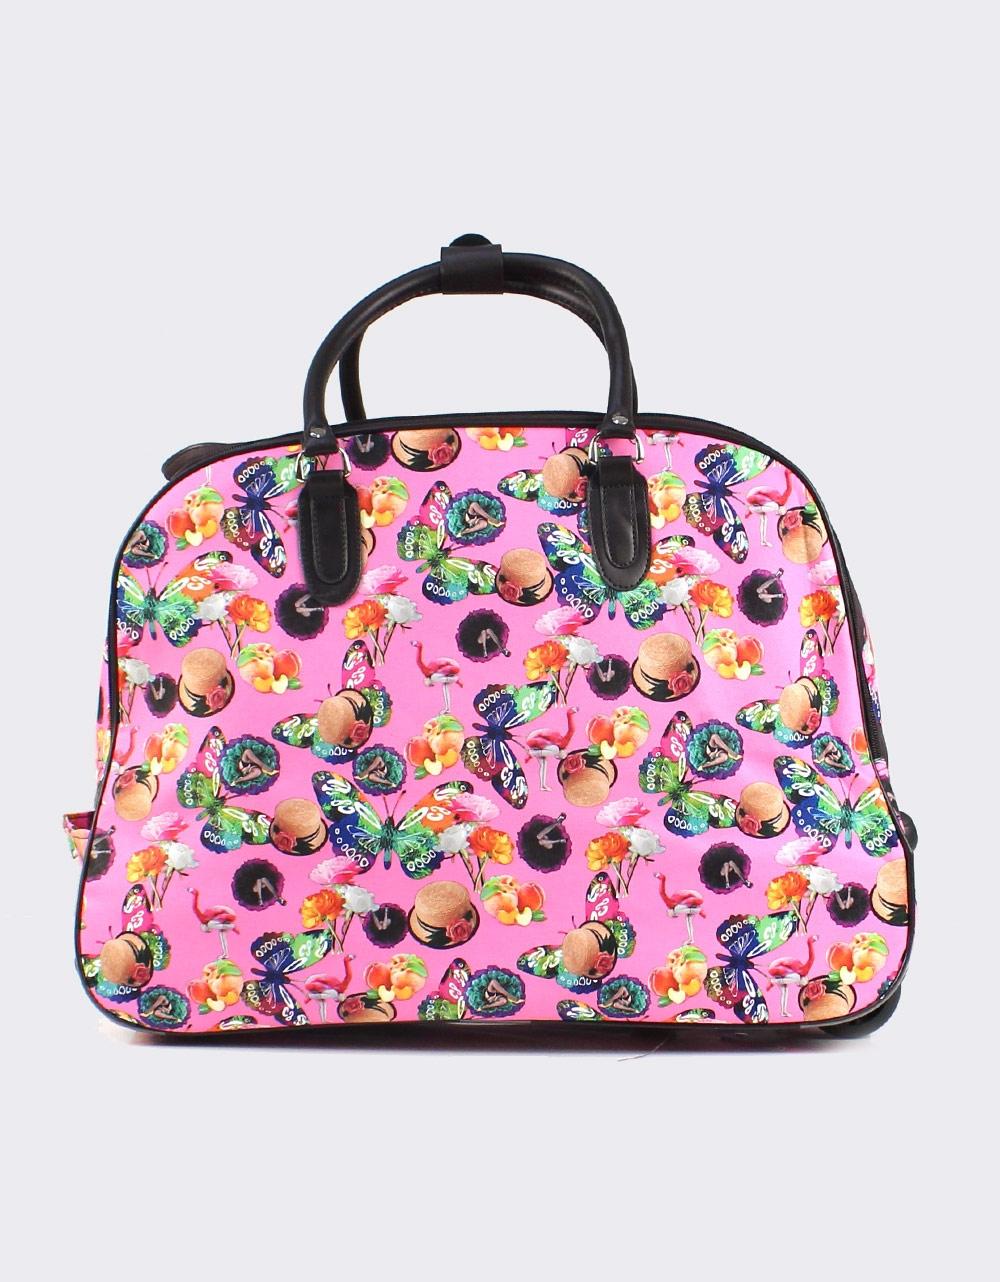 Εικόνα από Γυναικείες τσάντες ταξιδίου με πολύχρωμα σχέδια Ροζ